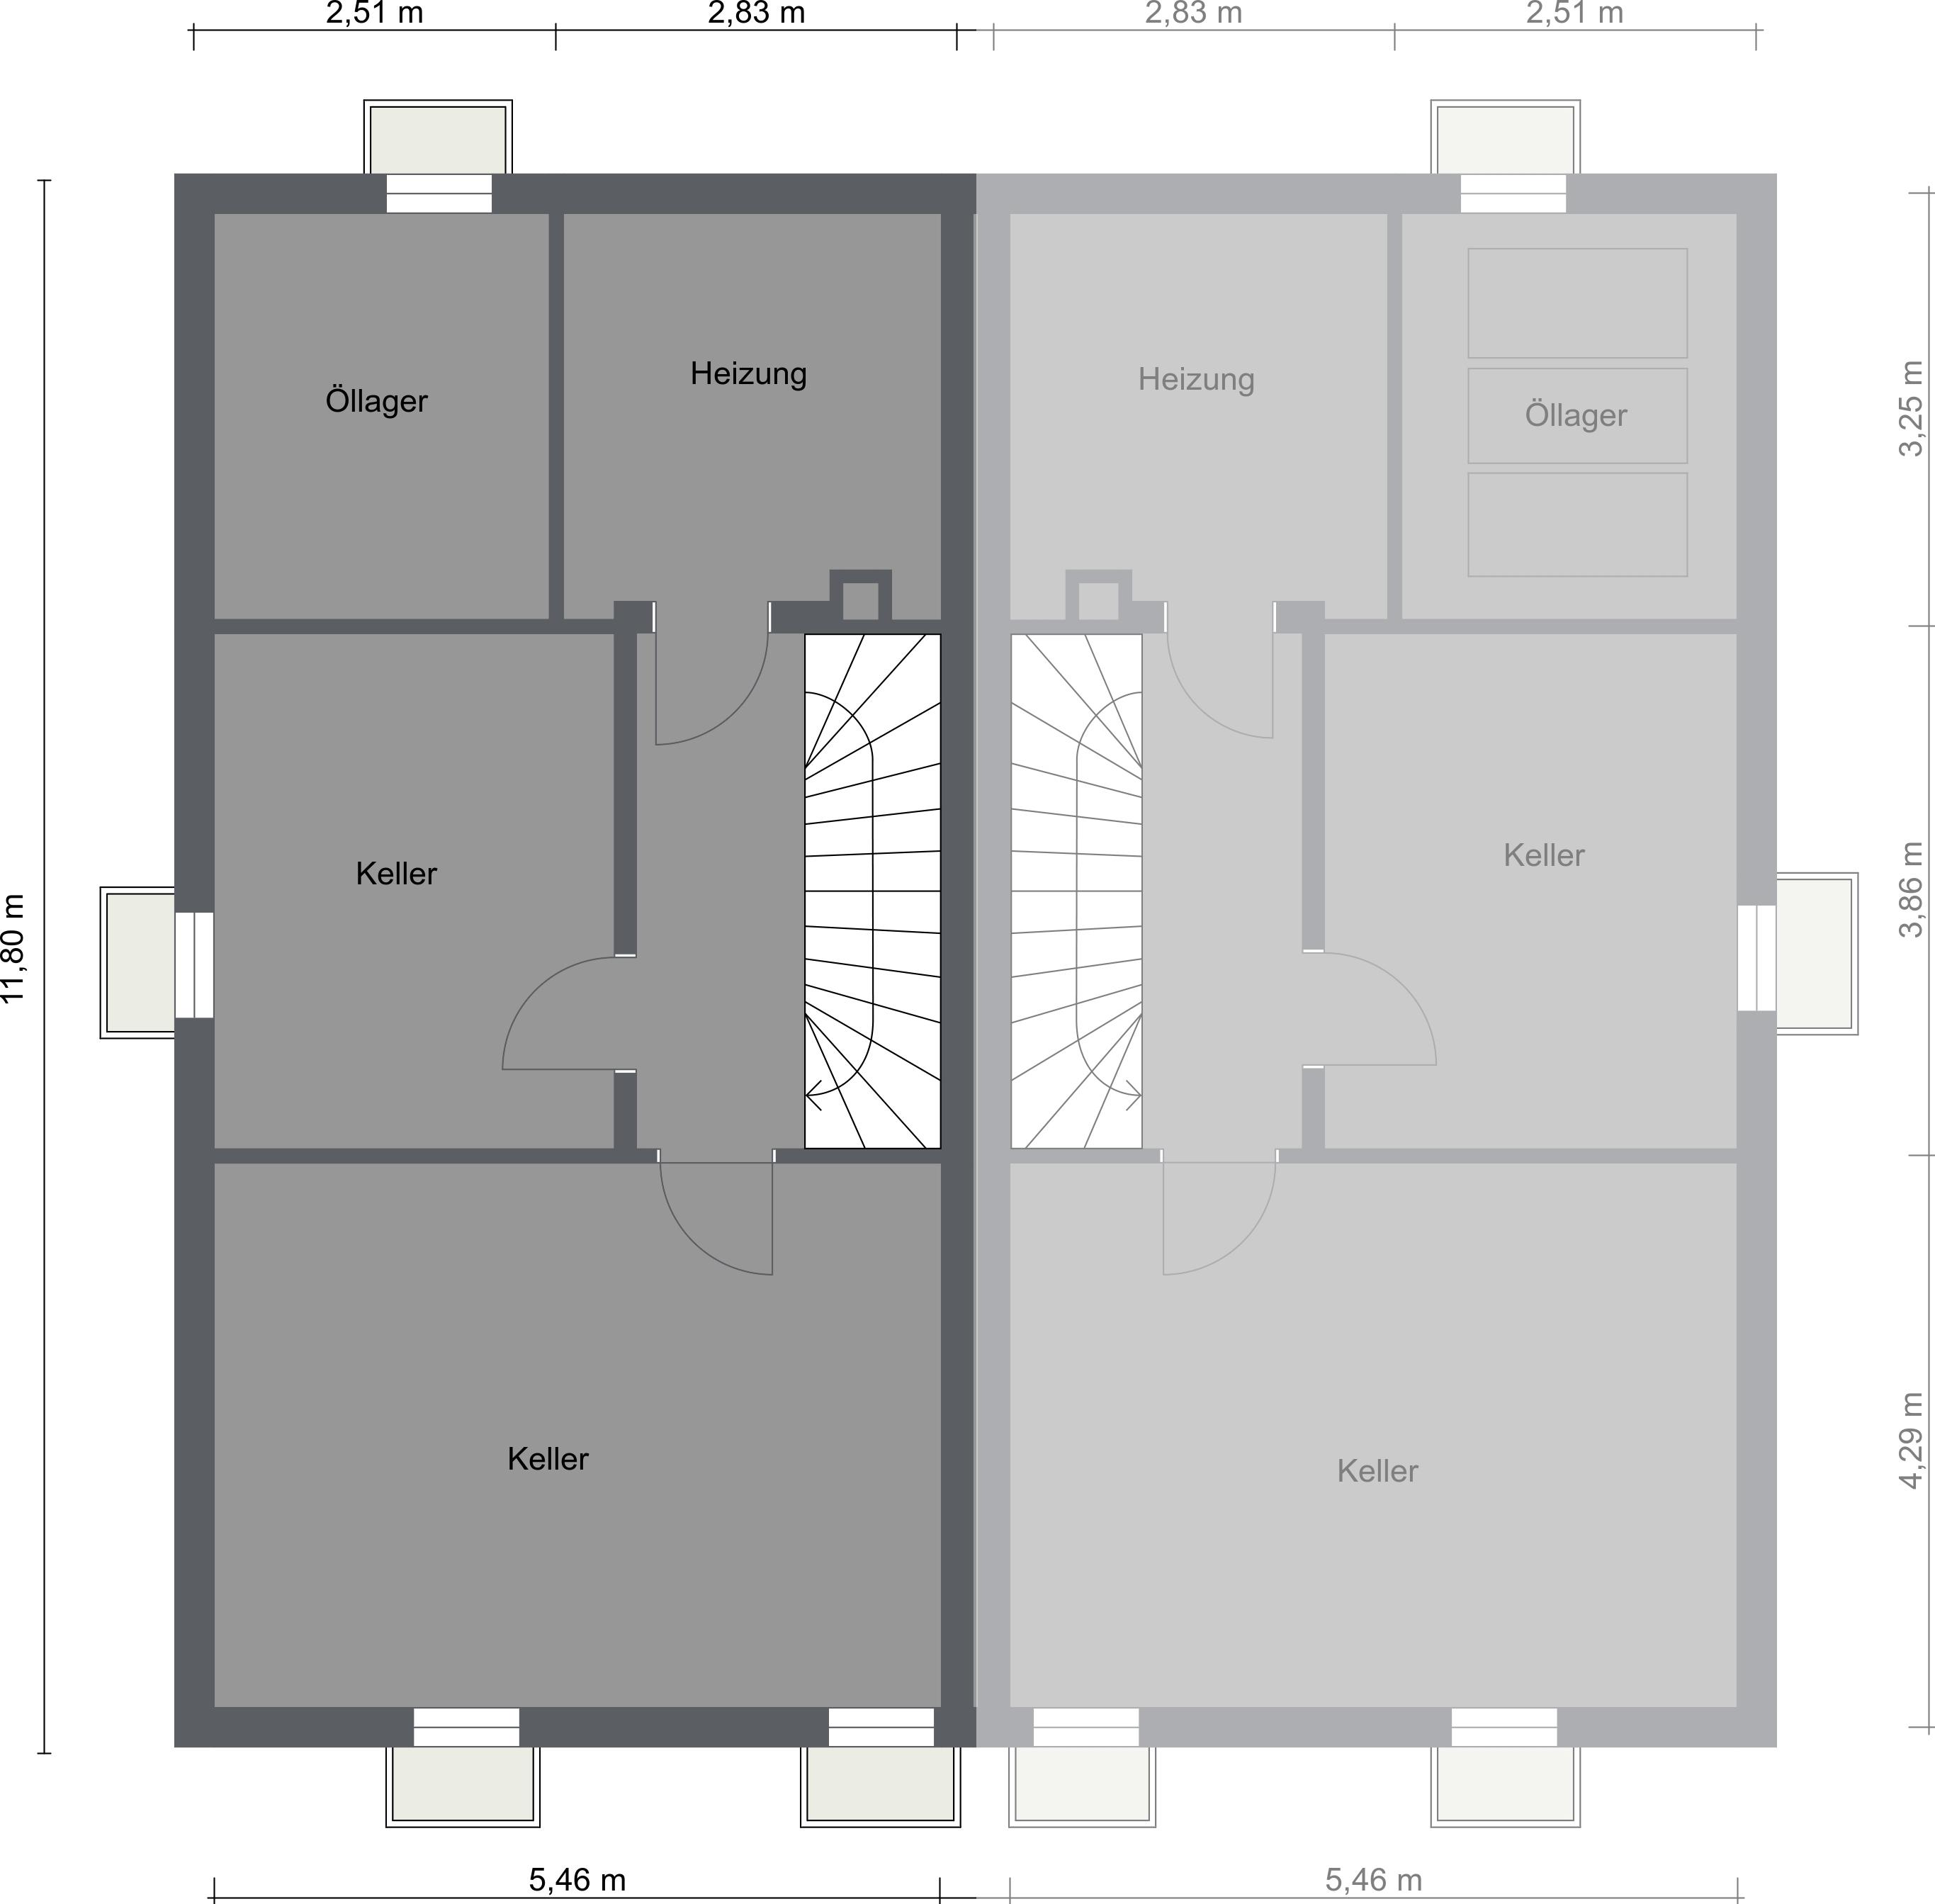 Kellergeschoss - Grundriss